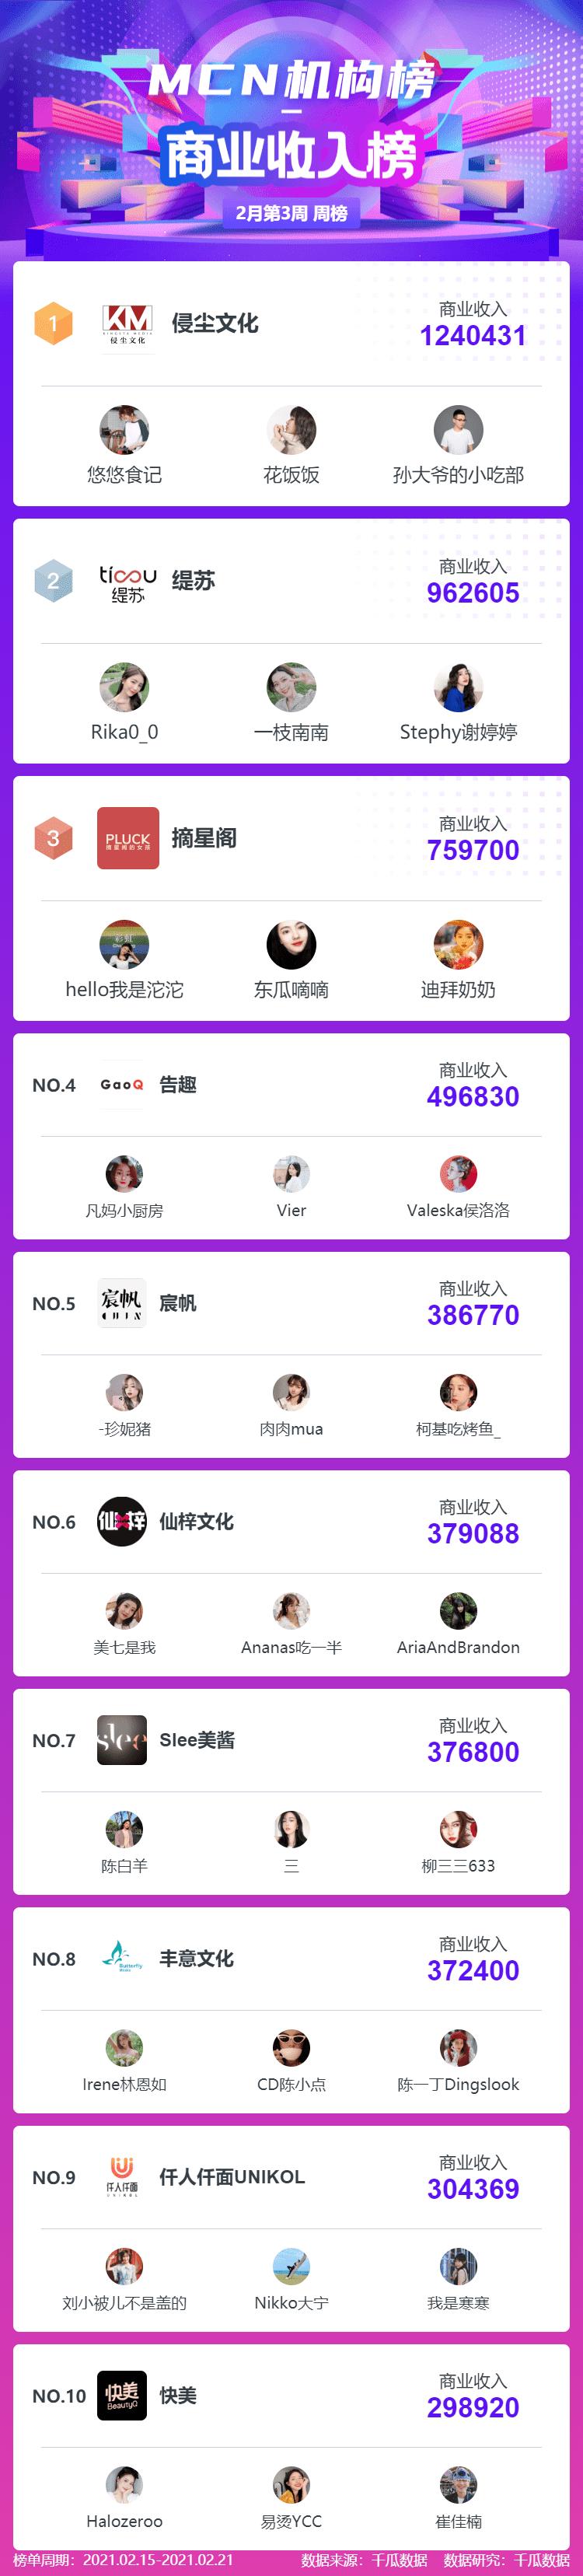 """月第3周小红书品牌机构创作者榜单"""""""